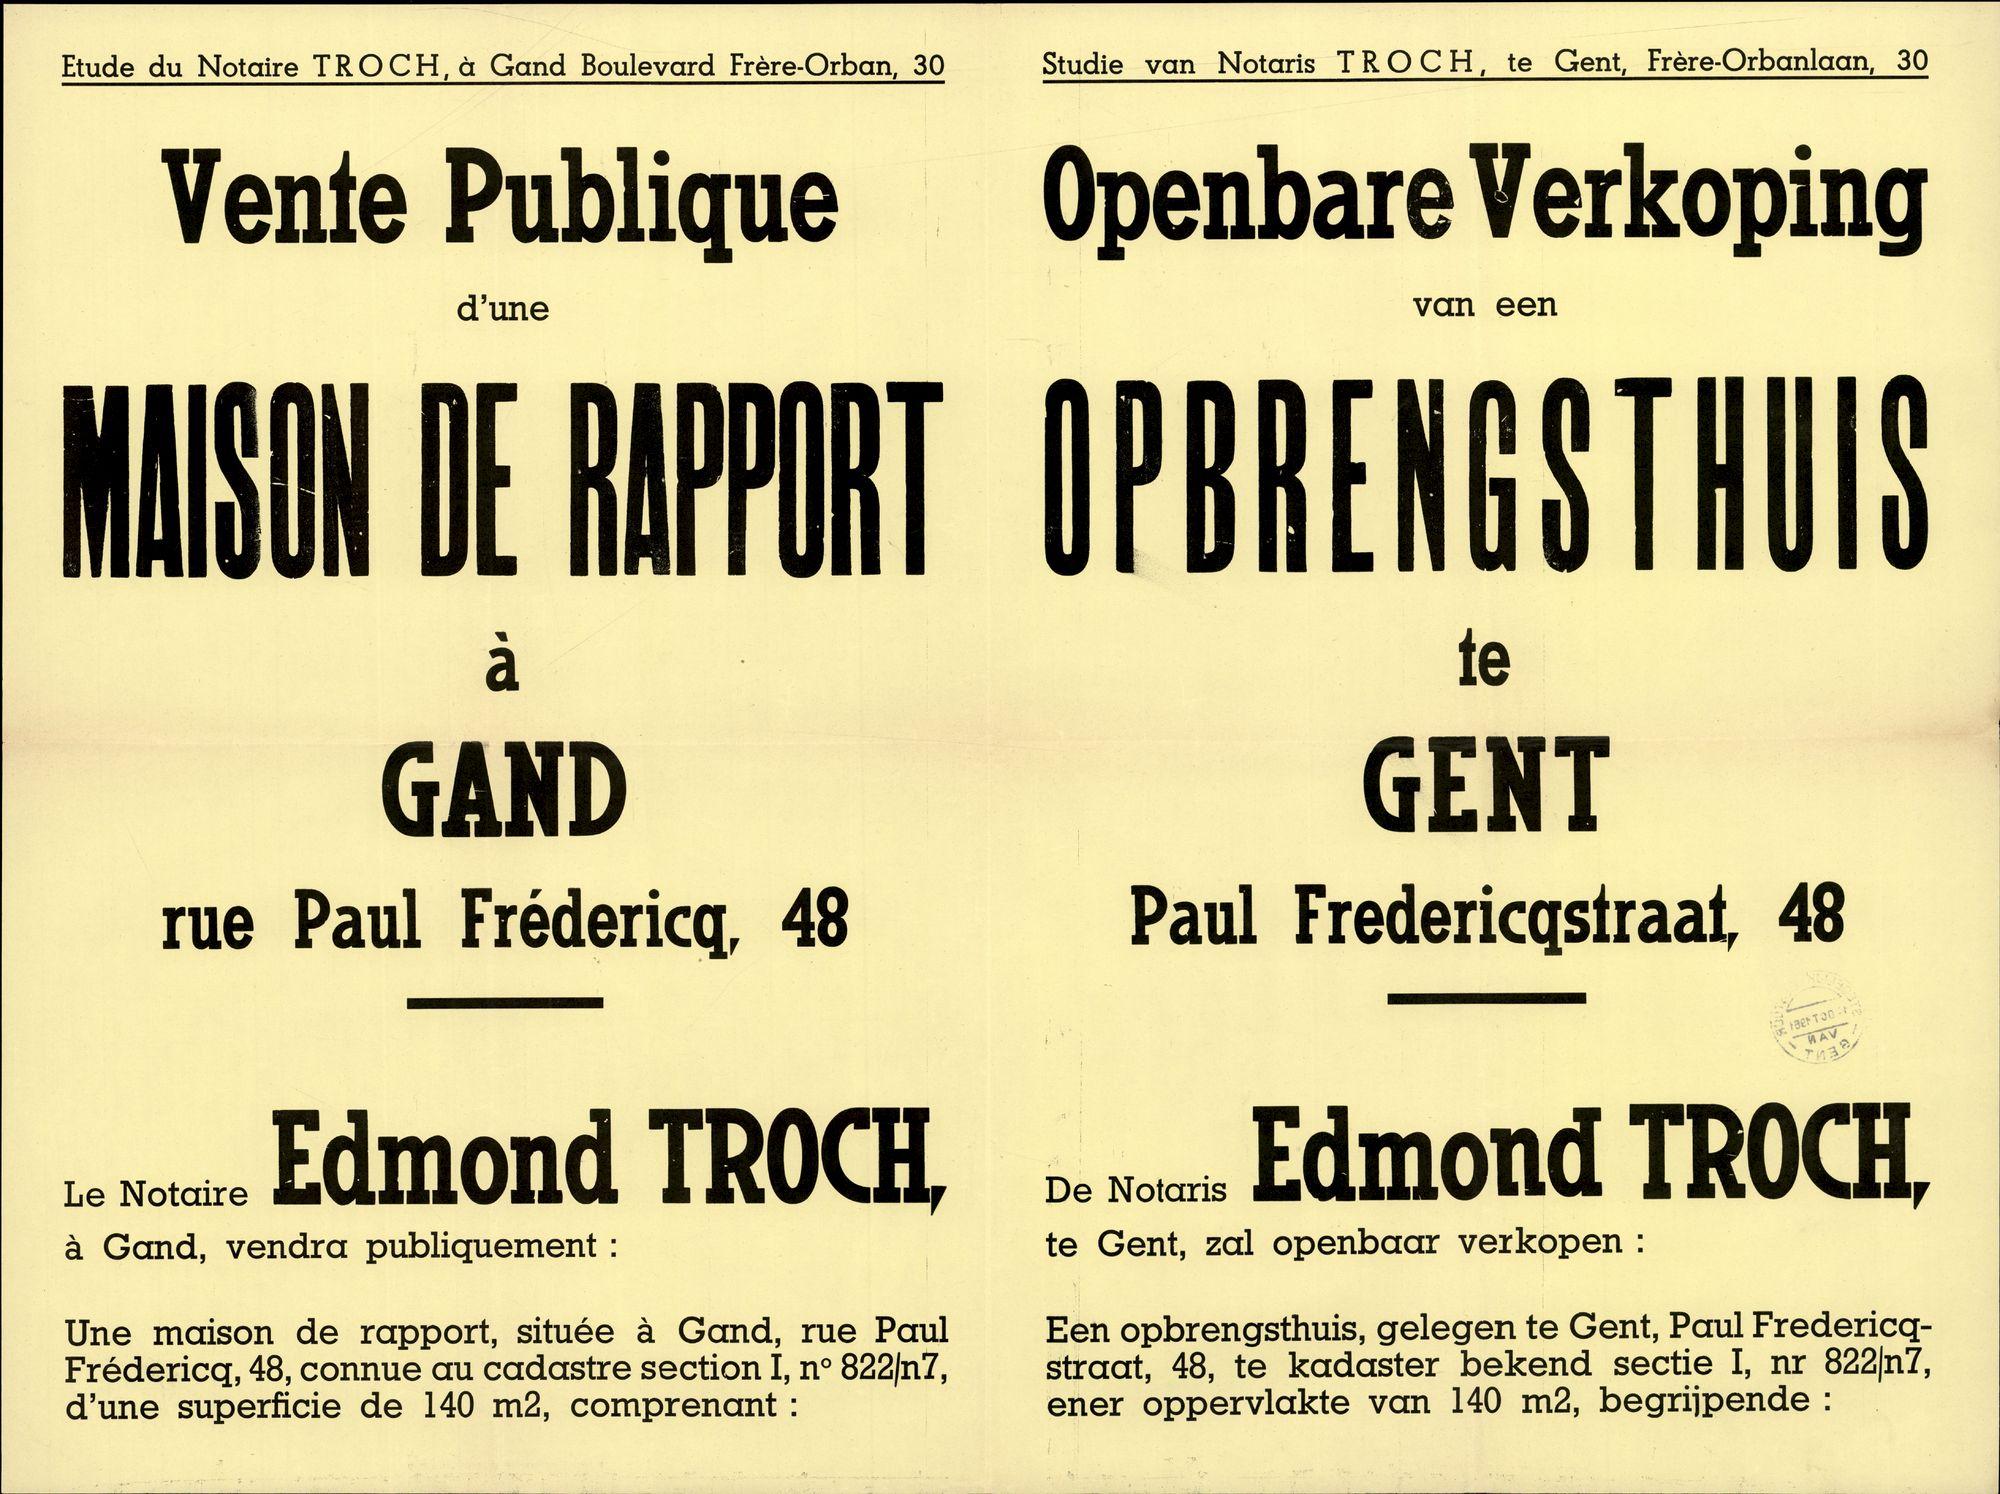 Openbare verkoop van een opbrengsthuis te Gent, Paul Fredericqstraat, nr.48